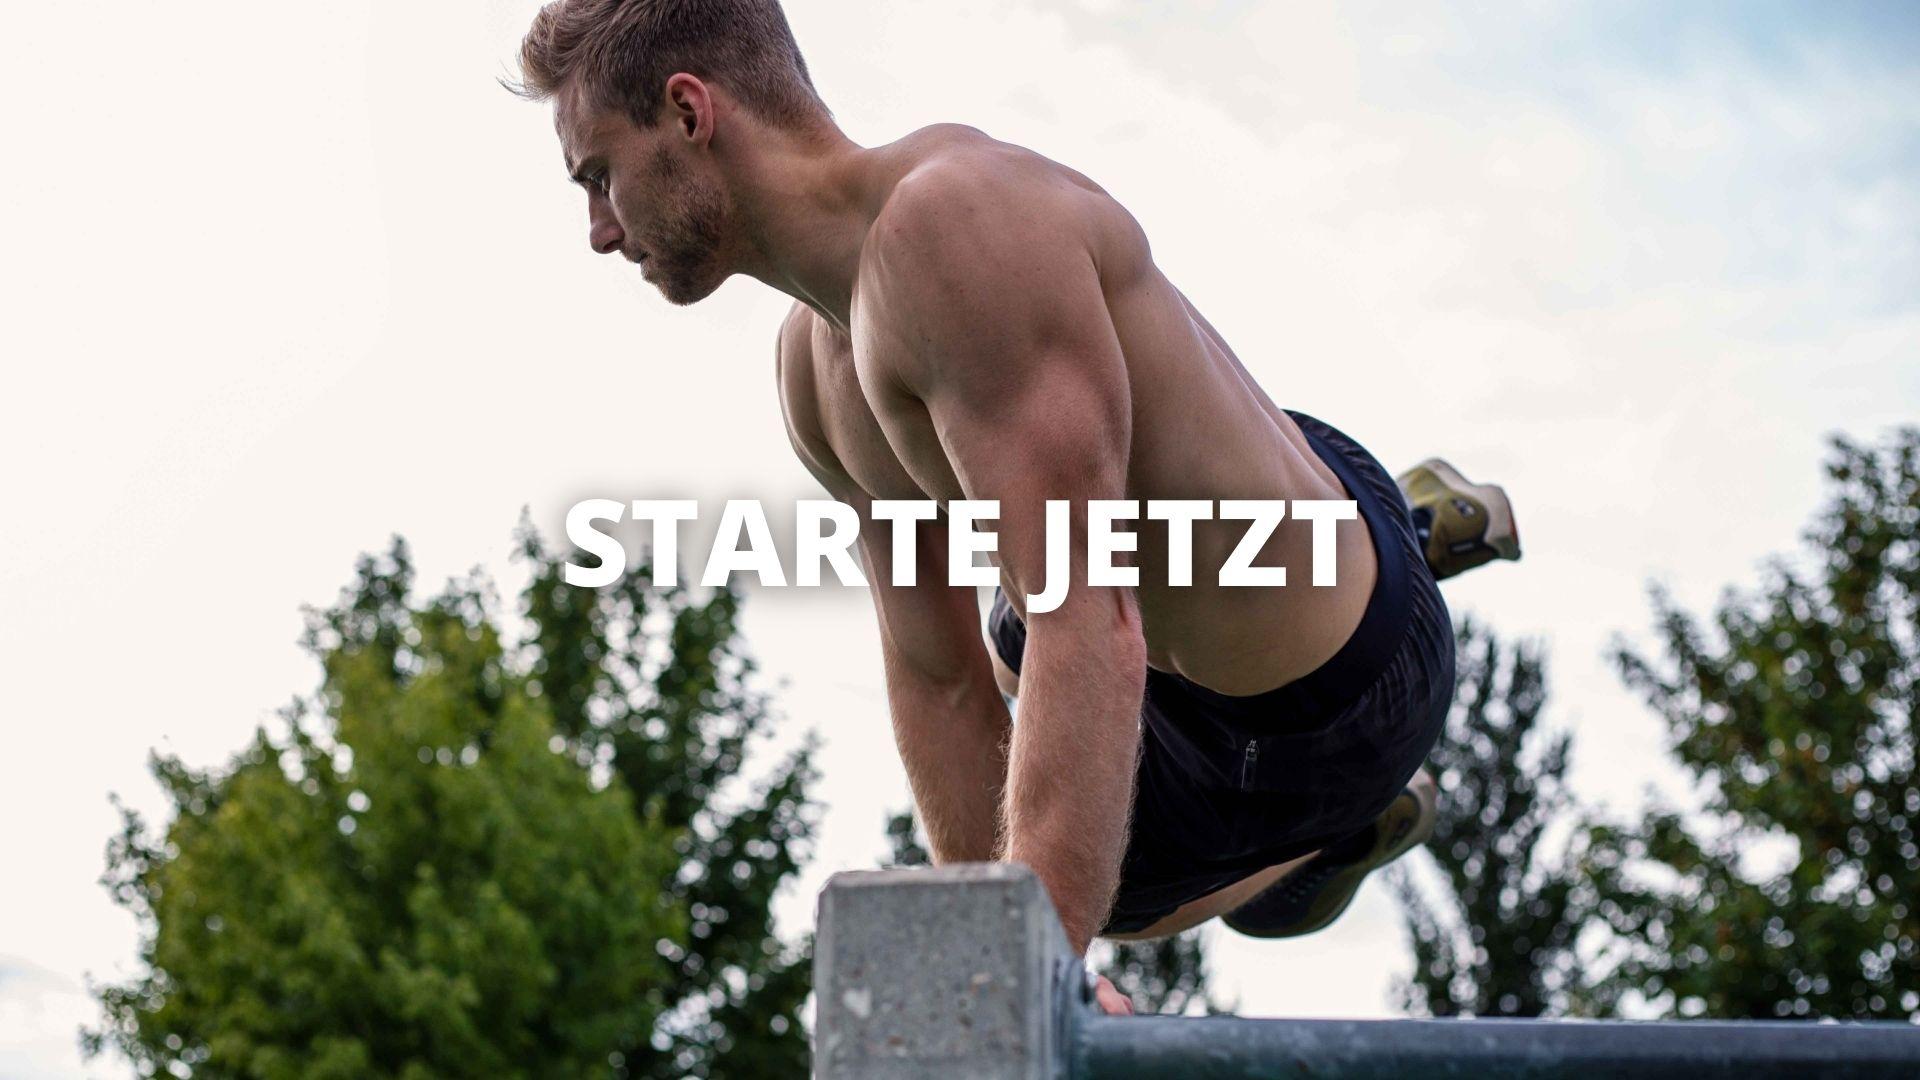 Kostenloser Trainingsplan - Starte Jetzt - ©Allround Athletics -